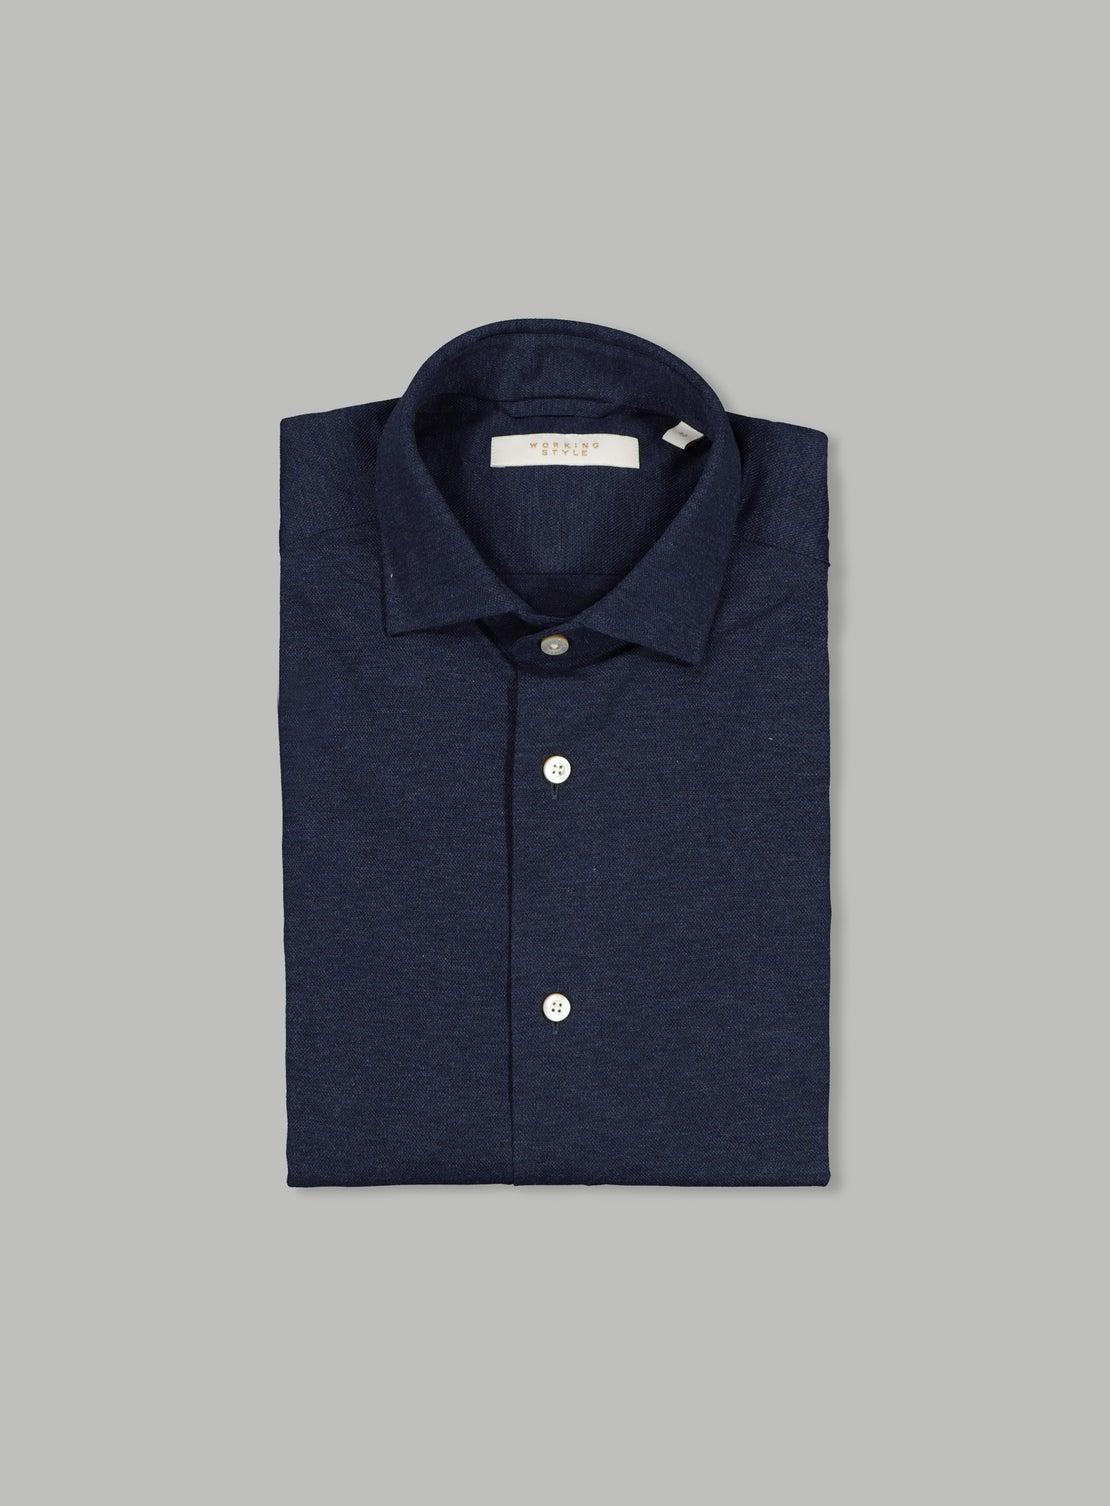 Lucky Navy Knit Shirt